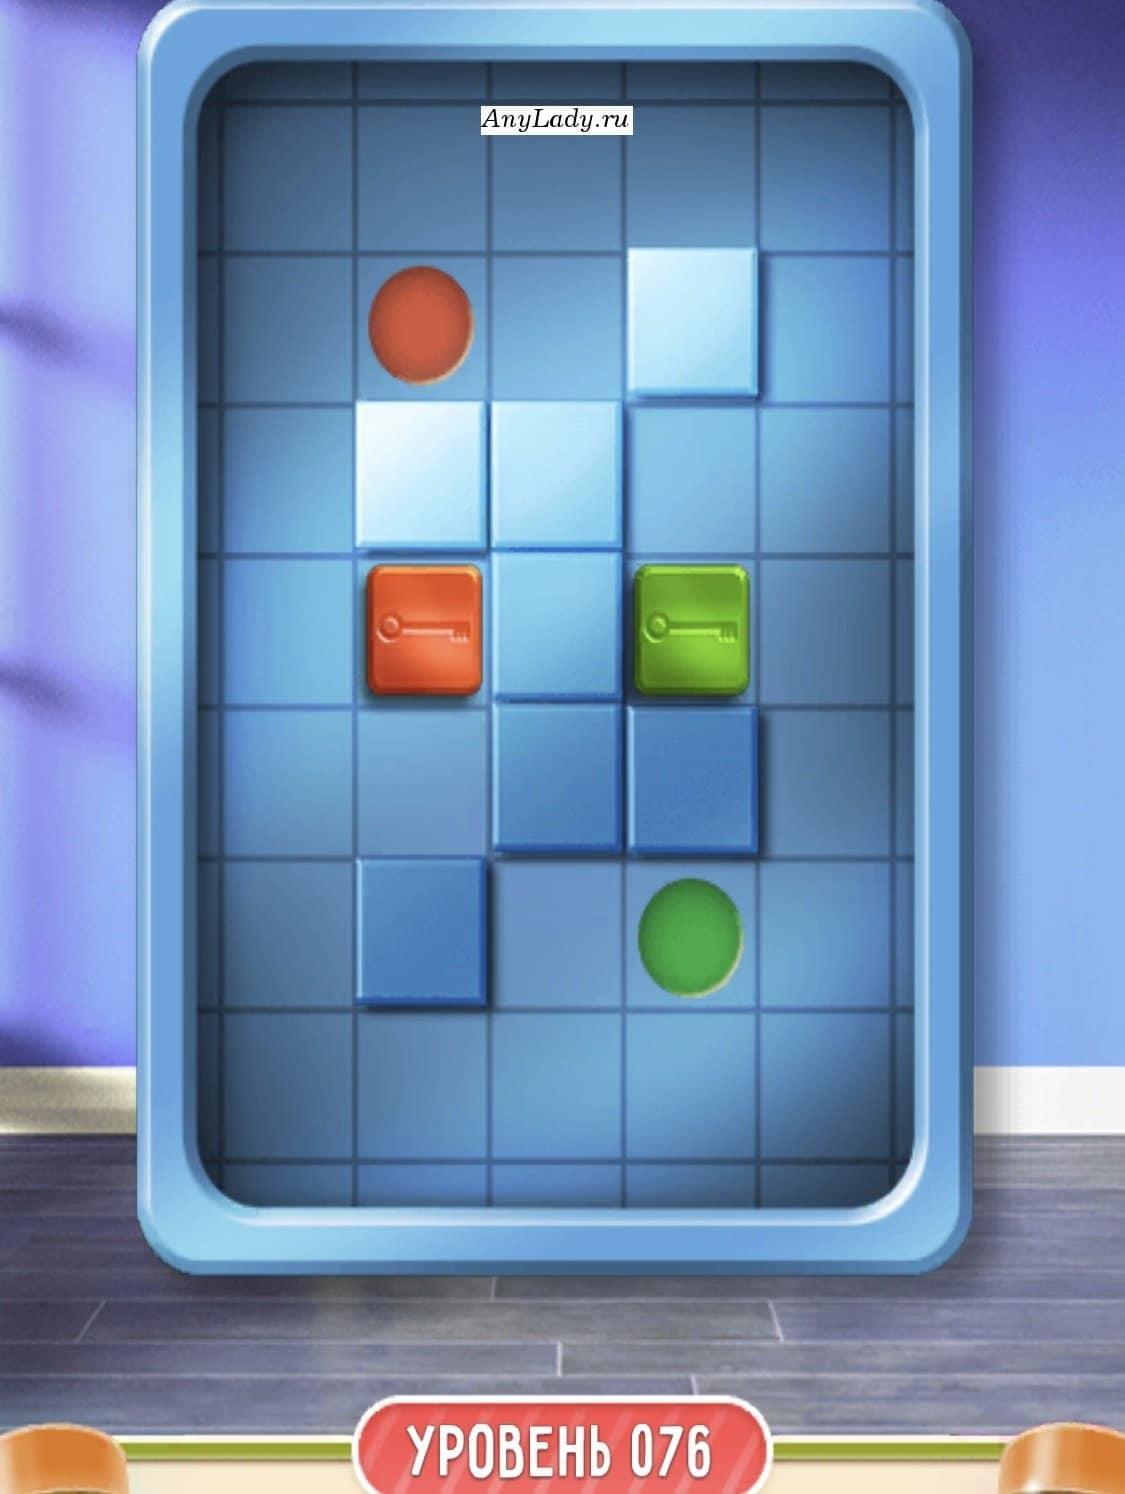 Вам предлагают пройти лабиринт, на две детали. Задача уровня загнать синхронно красный и изумрудный ключ на их по цвету кружки.  Ваши действия:   Изумрудный ключ на одну клетку вправо;   Оба ключа на одну клетку вниз;   Изумрудный ключик один раз вниз;  Зеленый на две клетки влево;  Красный ключ на три области вверх;   И завершающий этап, оба ключа вправо.